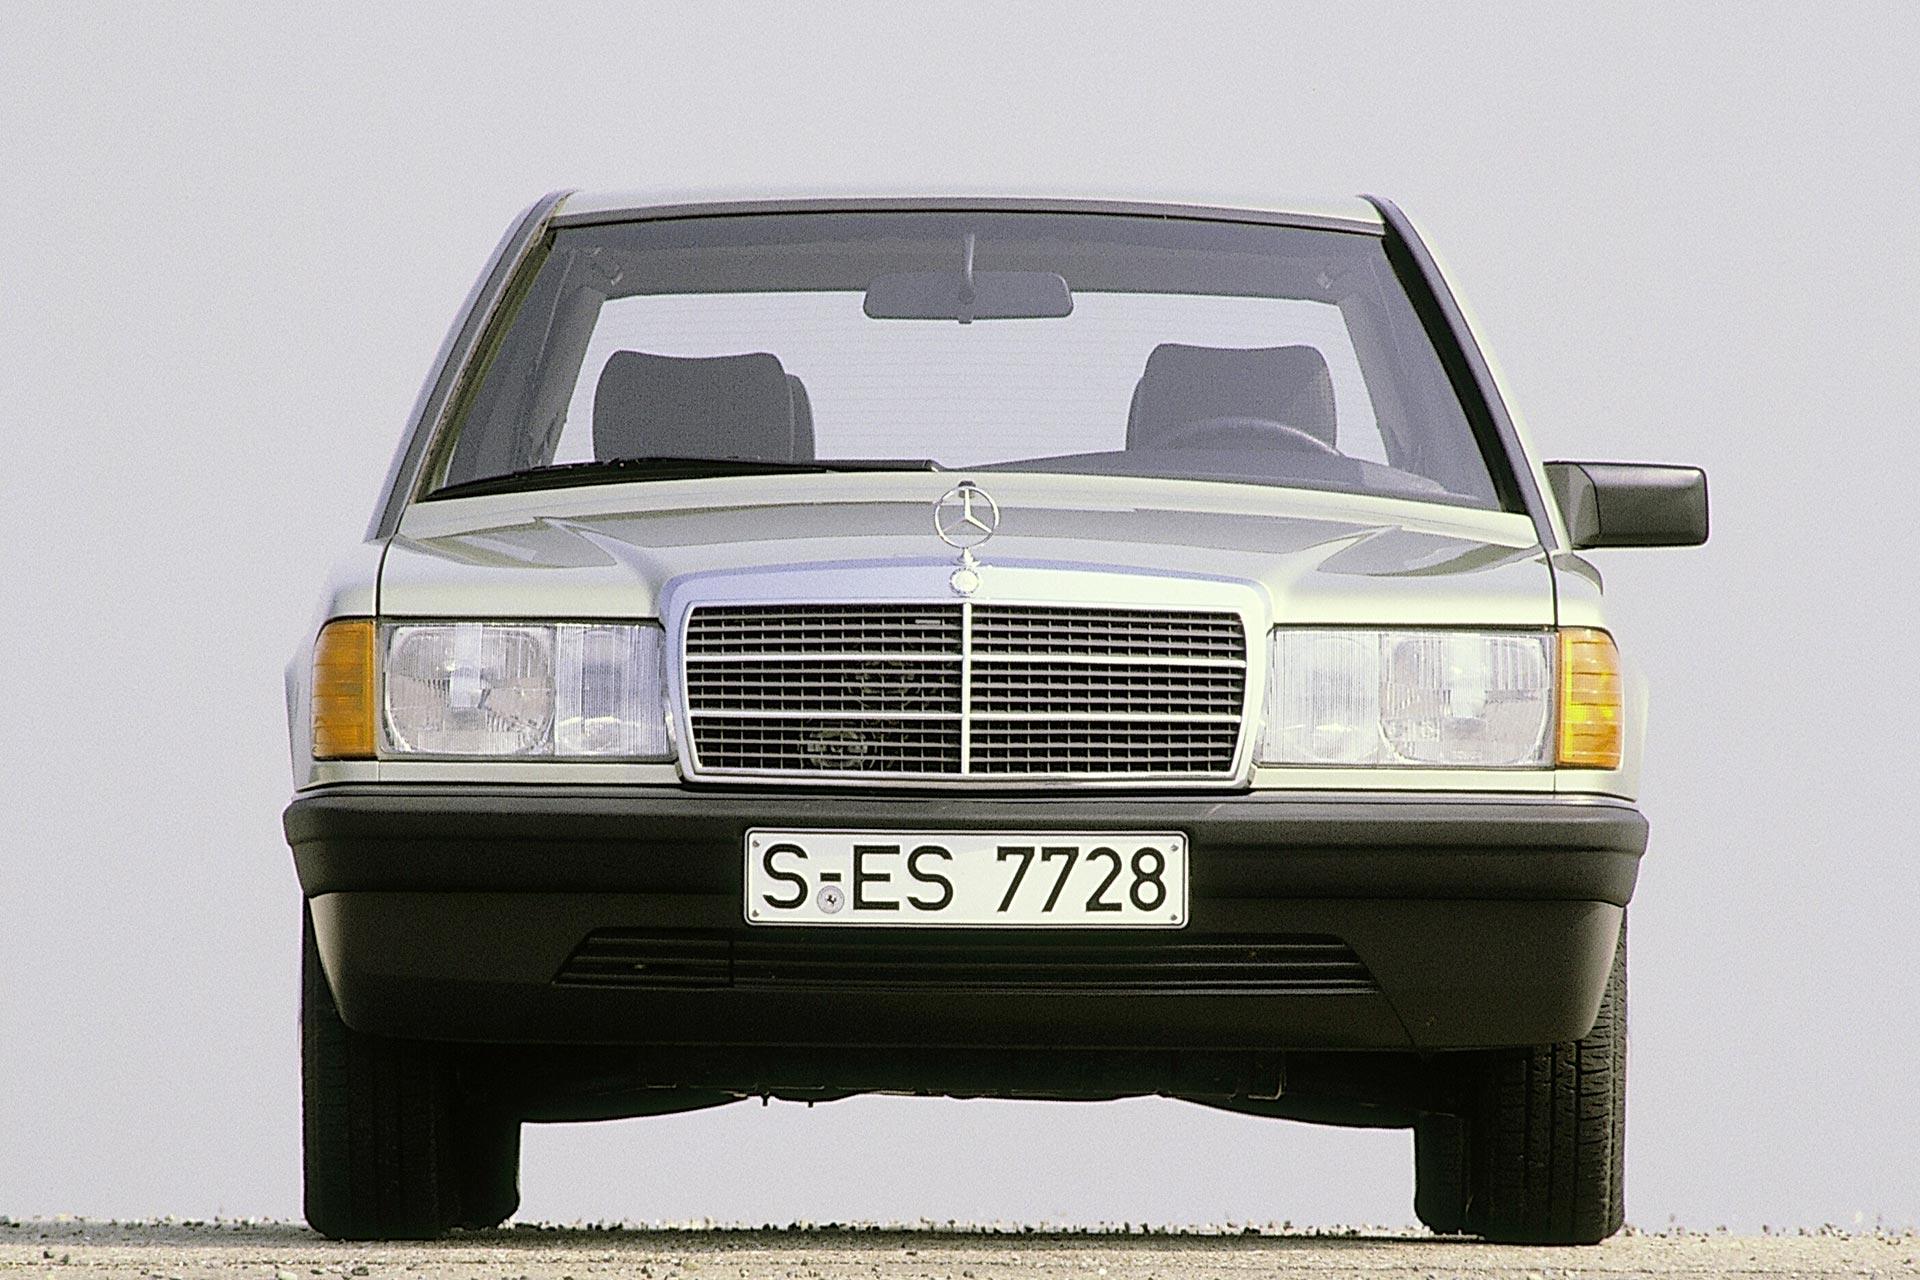 Mercedes-Benz Kompaktklasse Limousine der Baureihe W 201 (Produktionszeitraum 1982 bis 1993). Exterieurfoto von vorn.